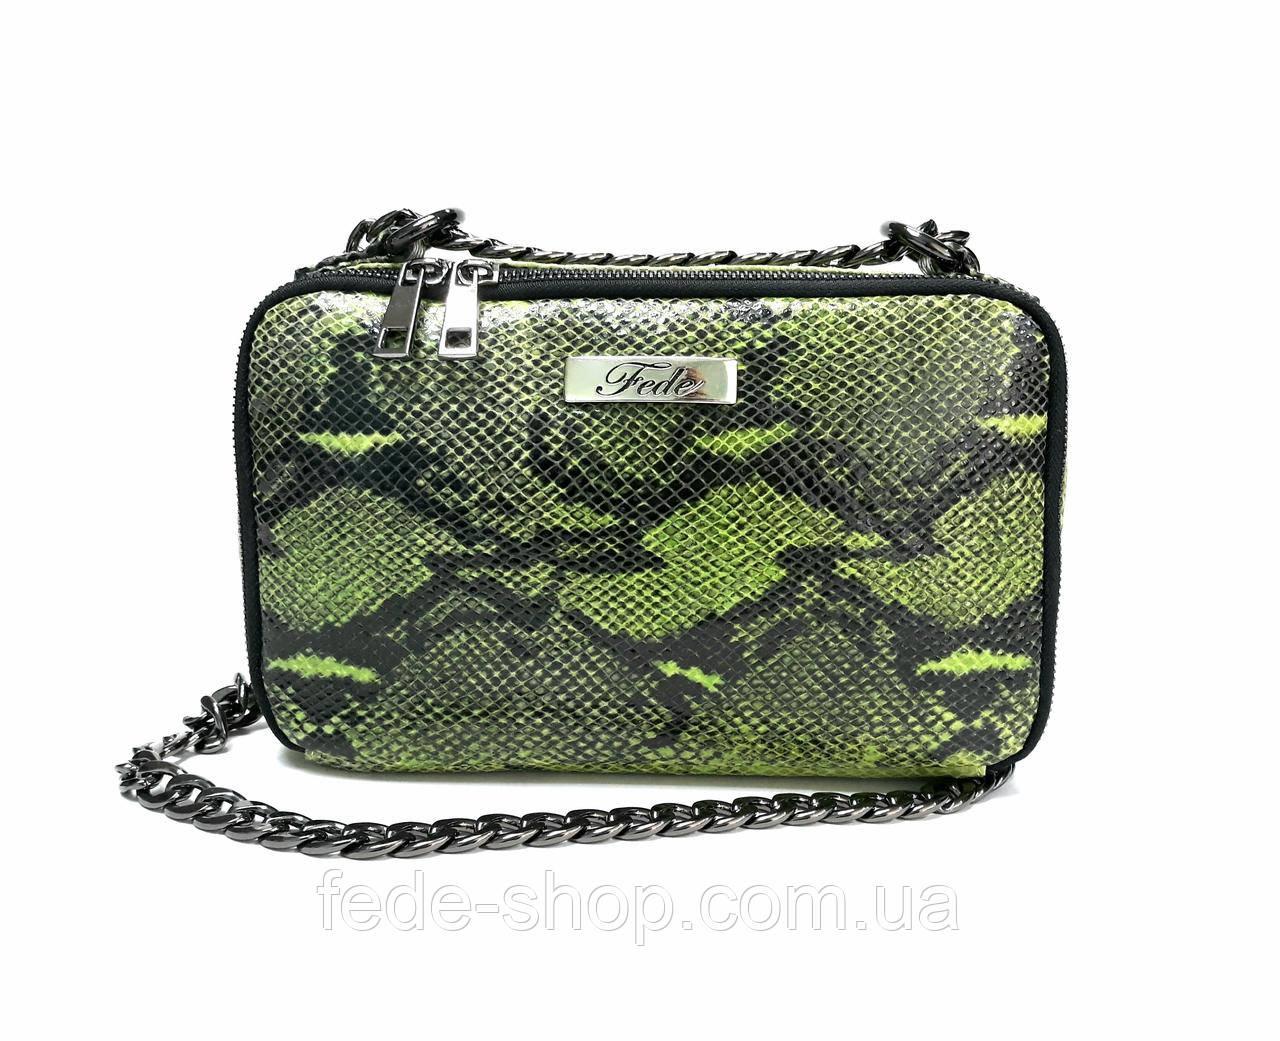 2998c160c77f Сумка-клатч женская кожа  продажа, цена в Киеве. женские сумочки и клатчи  от